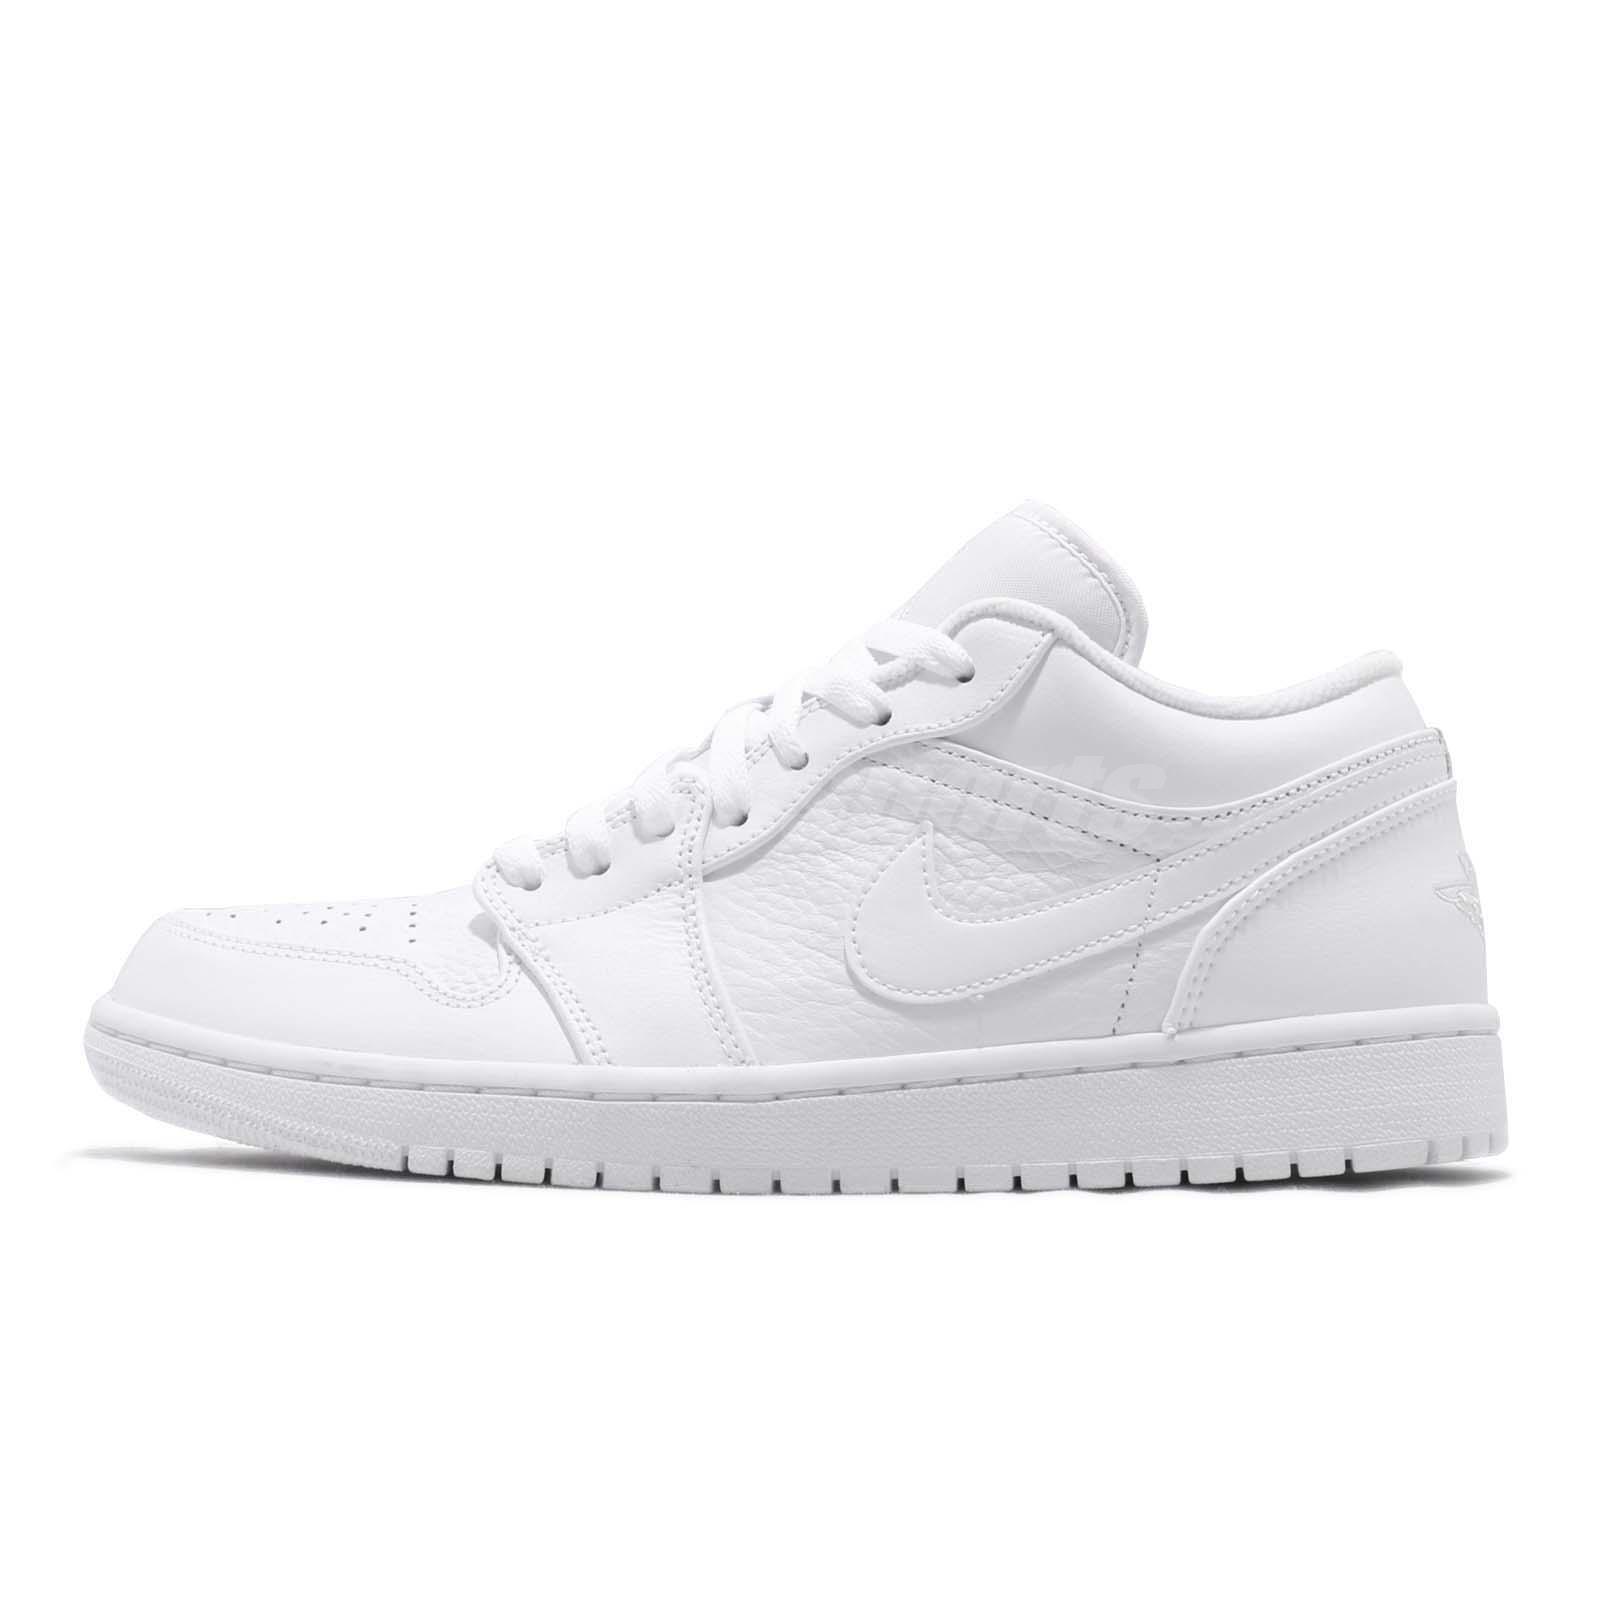 d0d6fb4deb9cf7 Nike Air Jordan 1 Low I AJ1 White Pure Platinum Men Basketball Shoes  553558-111